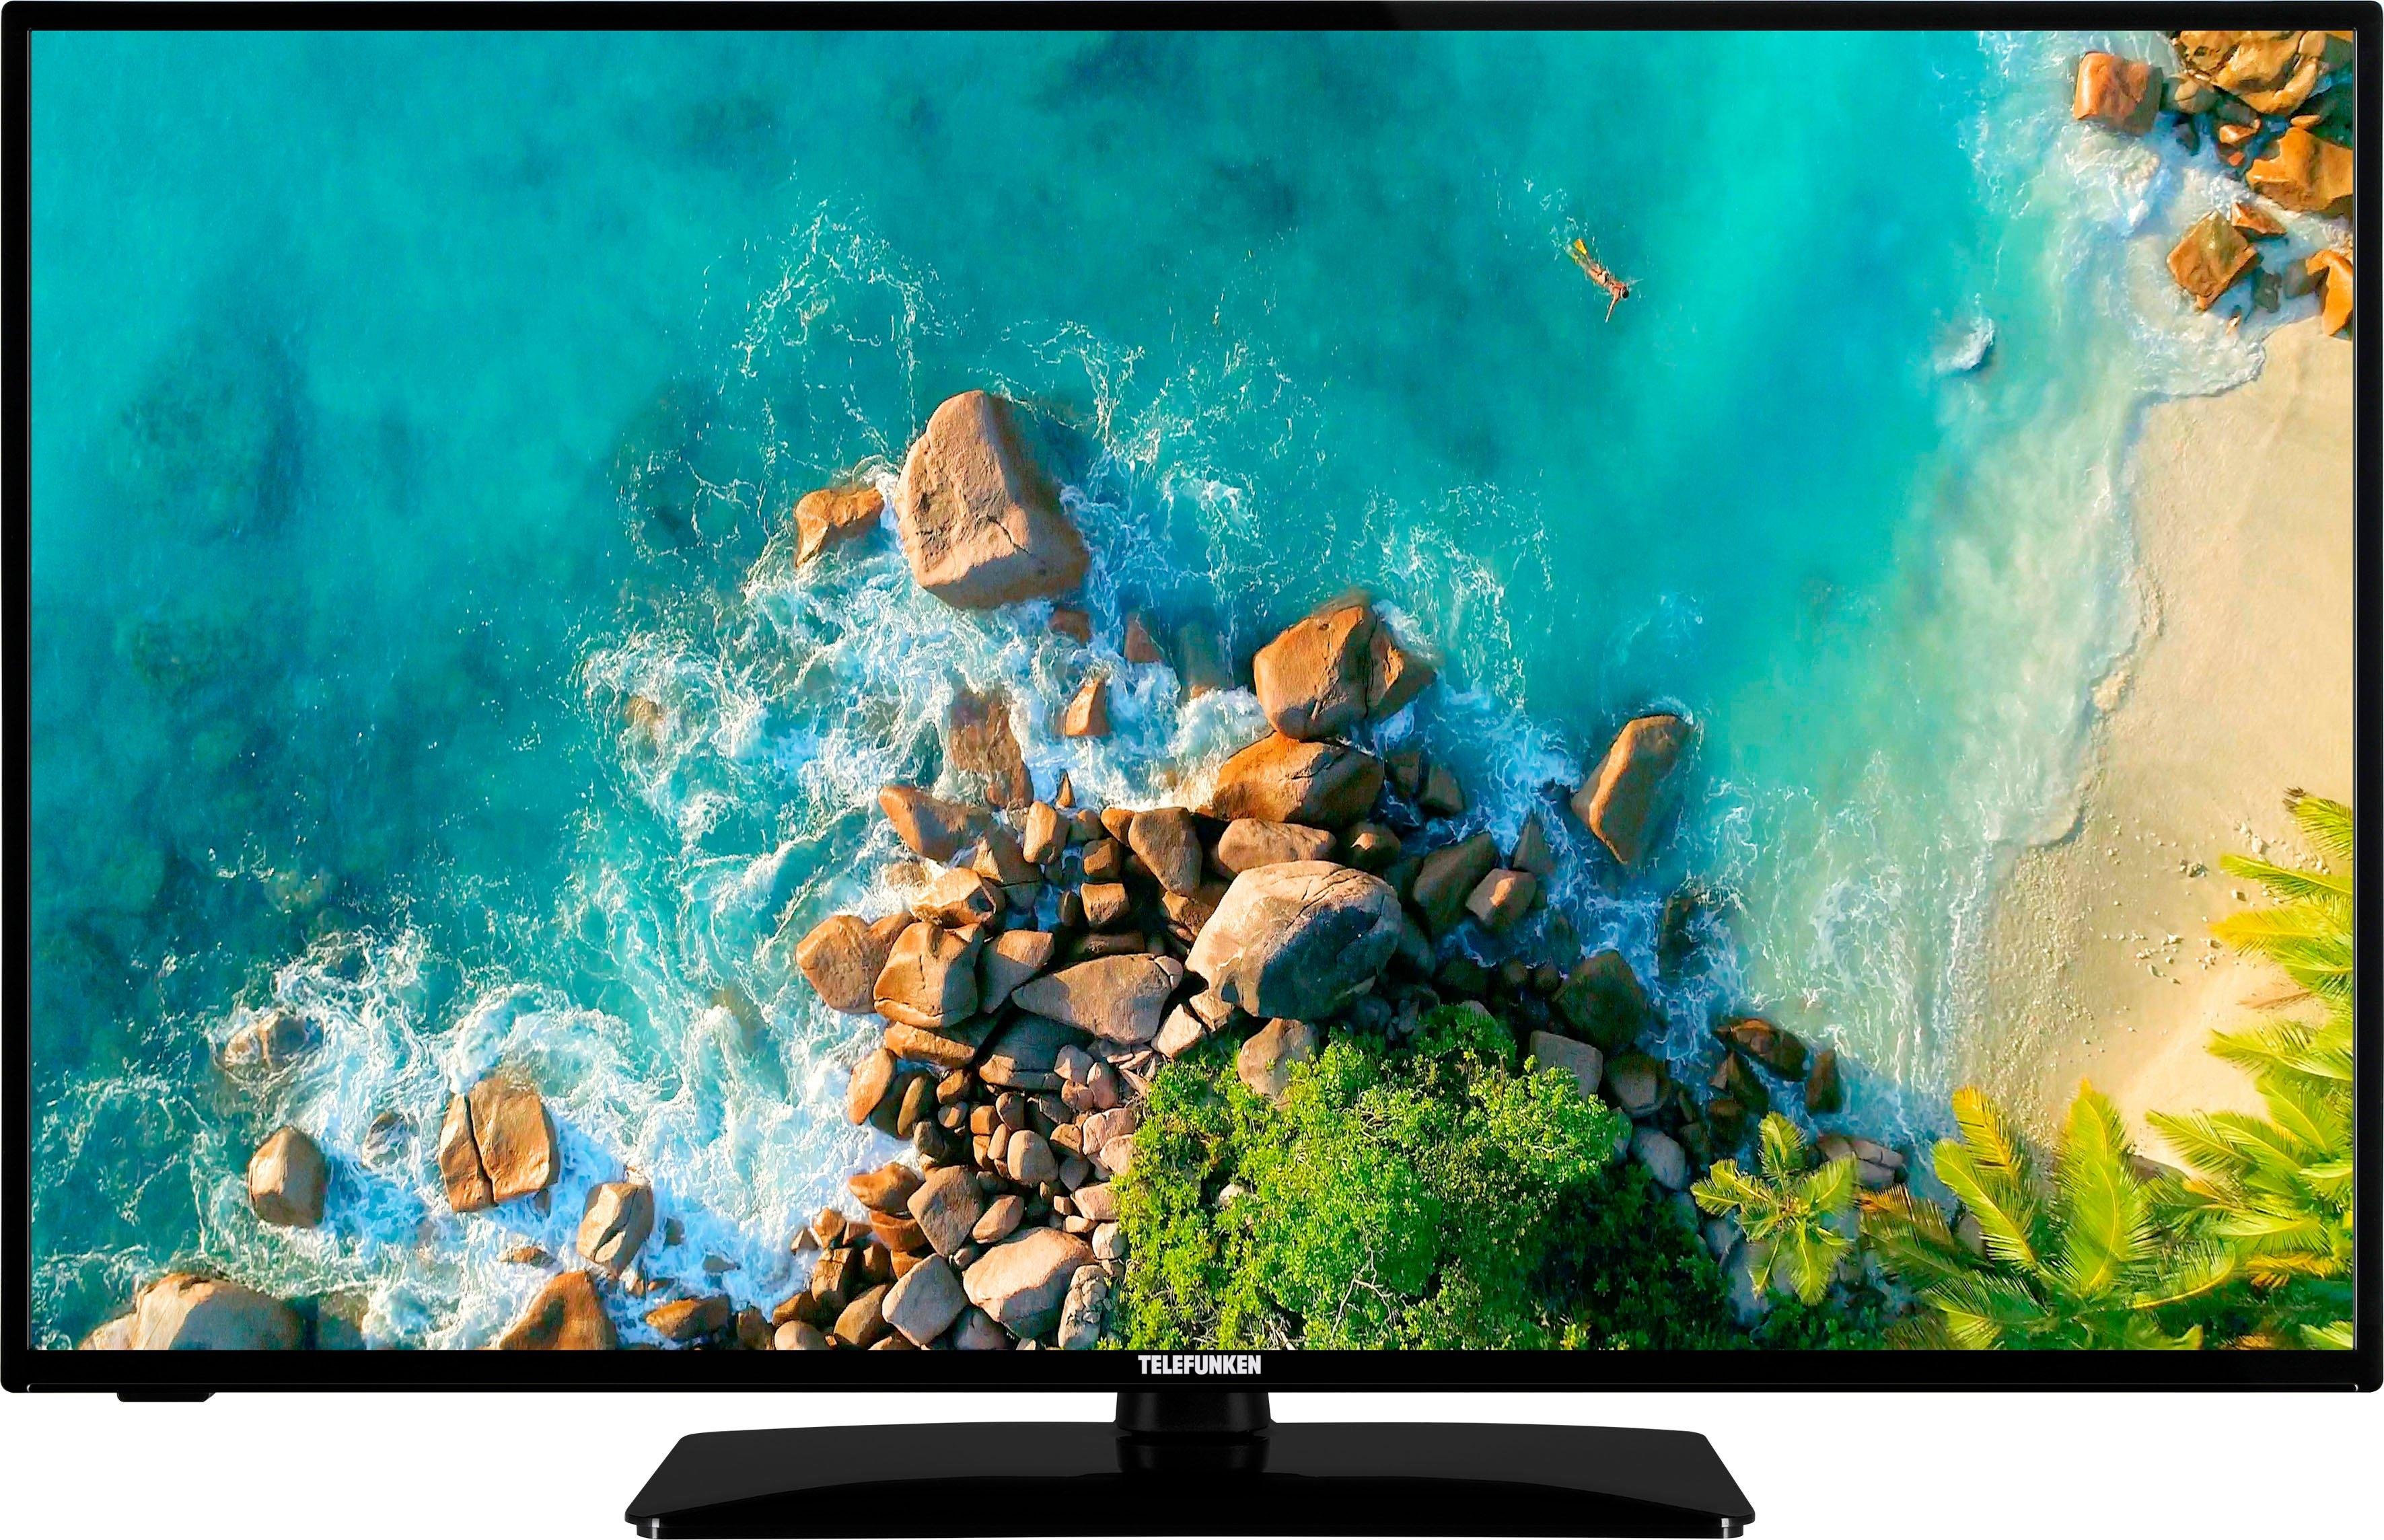 Telefunken »D43F553M1« LED-TV bij OTTO online kopen